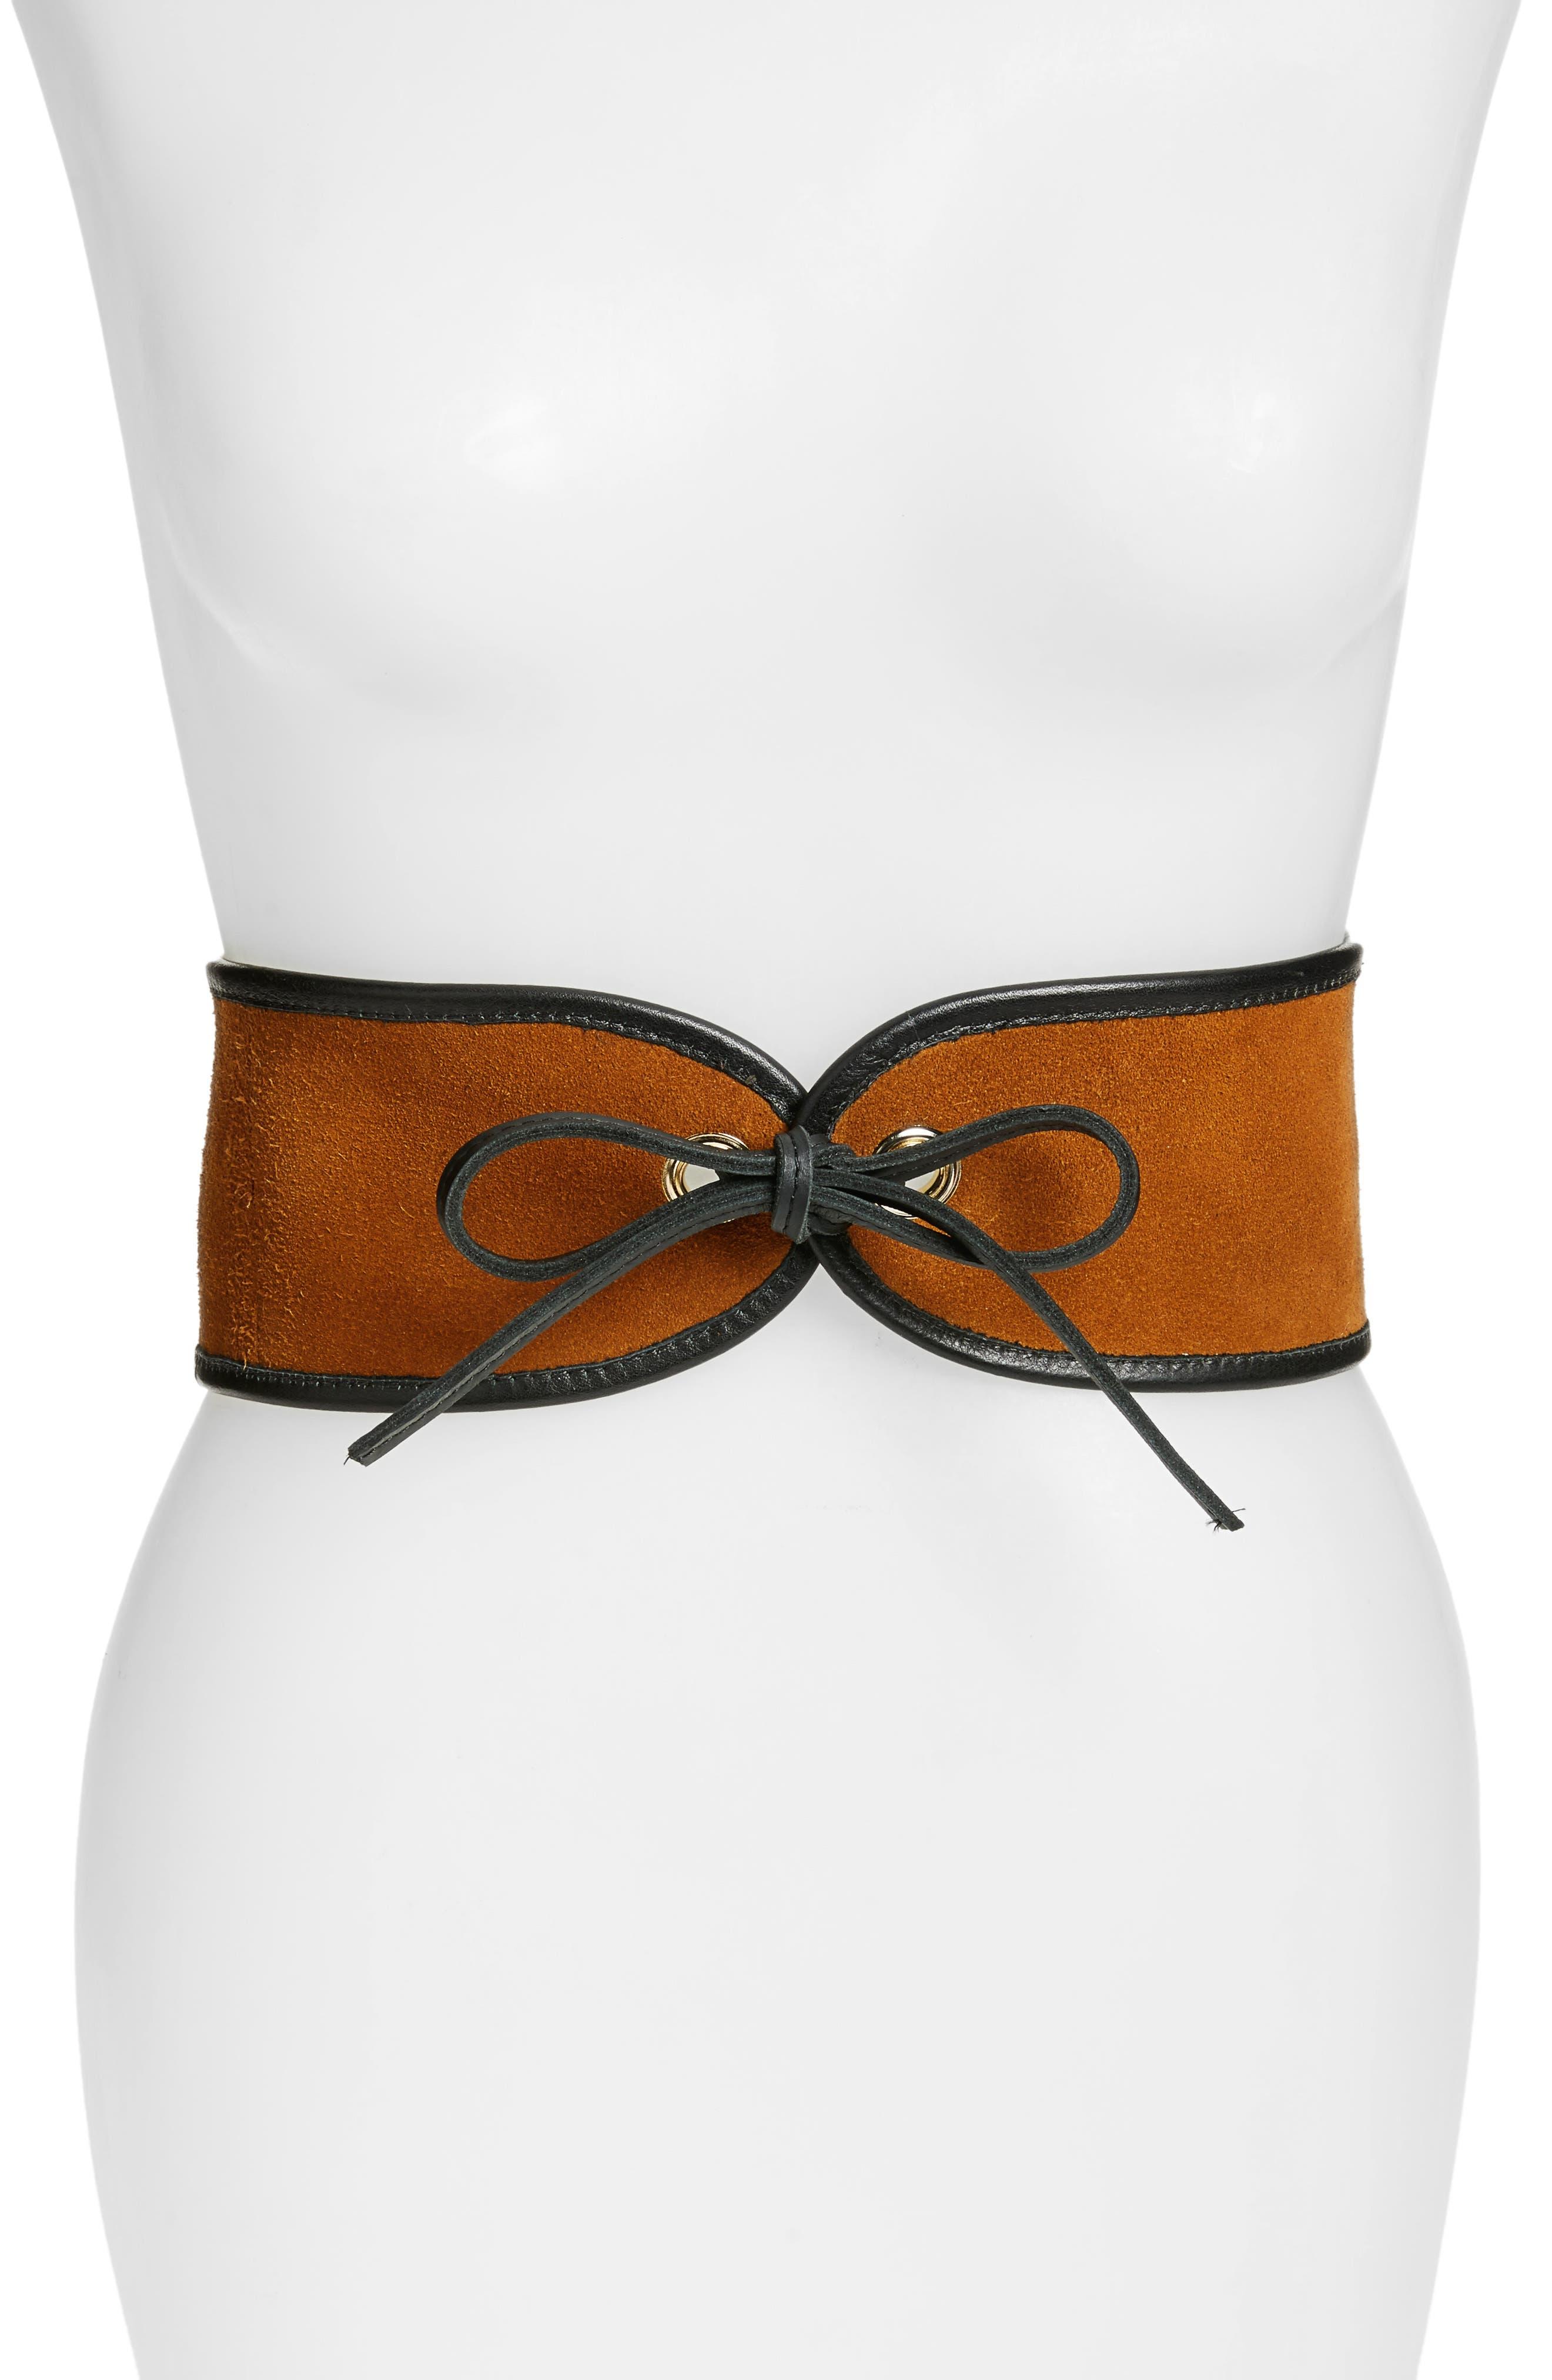 Casablanca Leather Corset Belt,                             Main thumbnail 1, color,                             Cognac/ Black